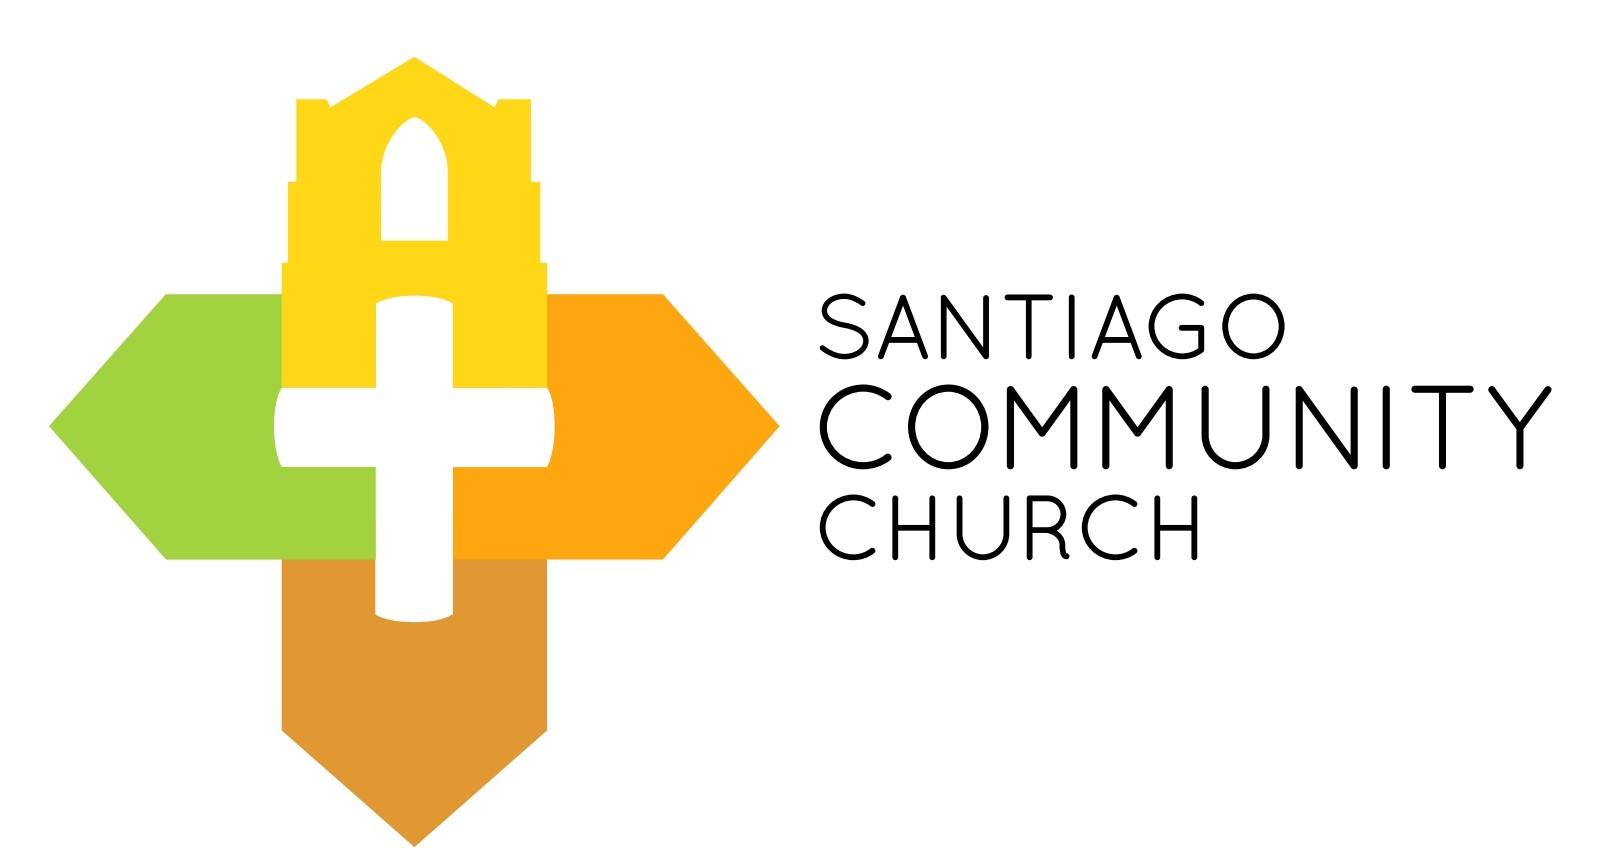 Santiago Community Church